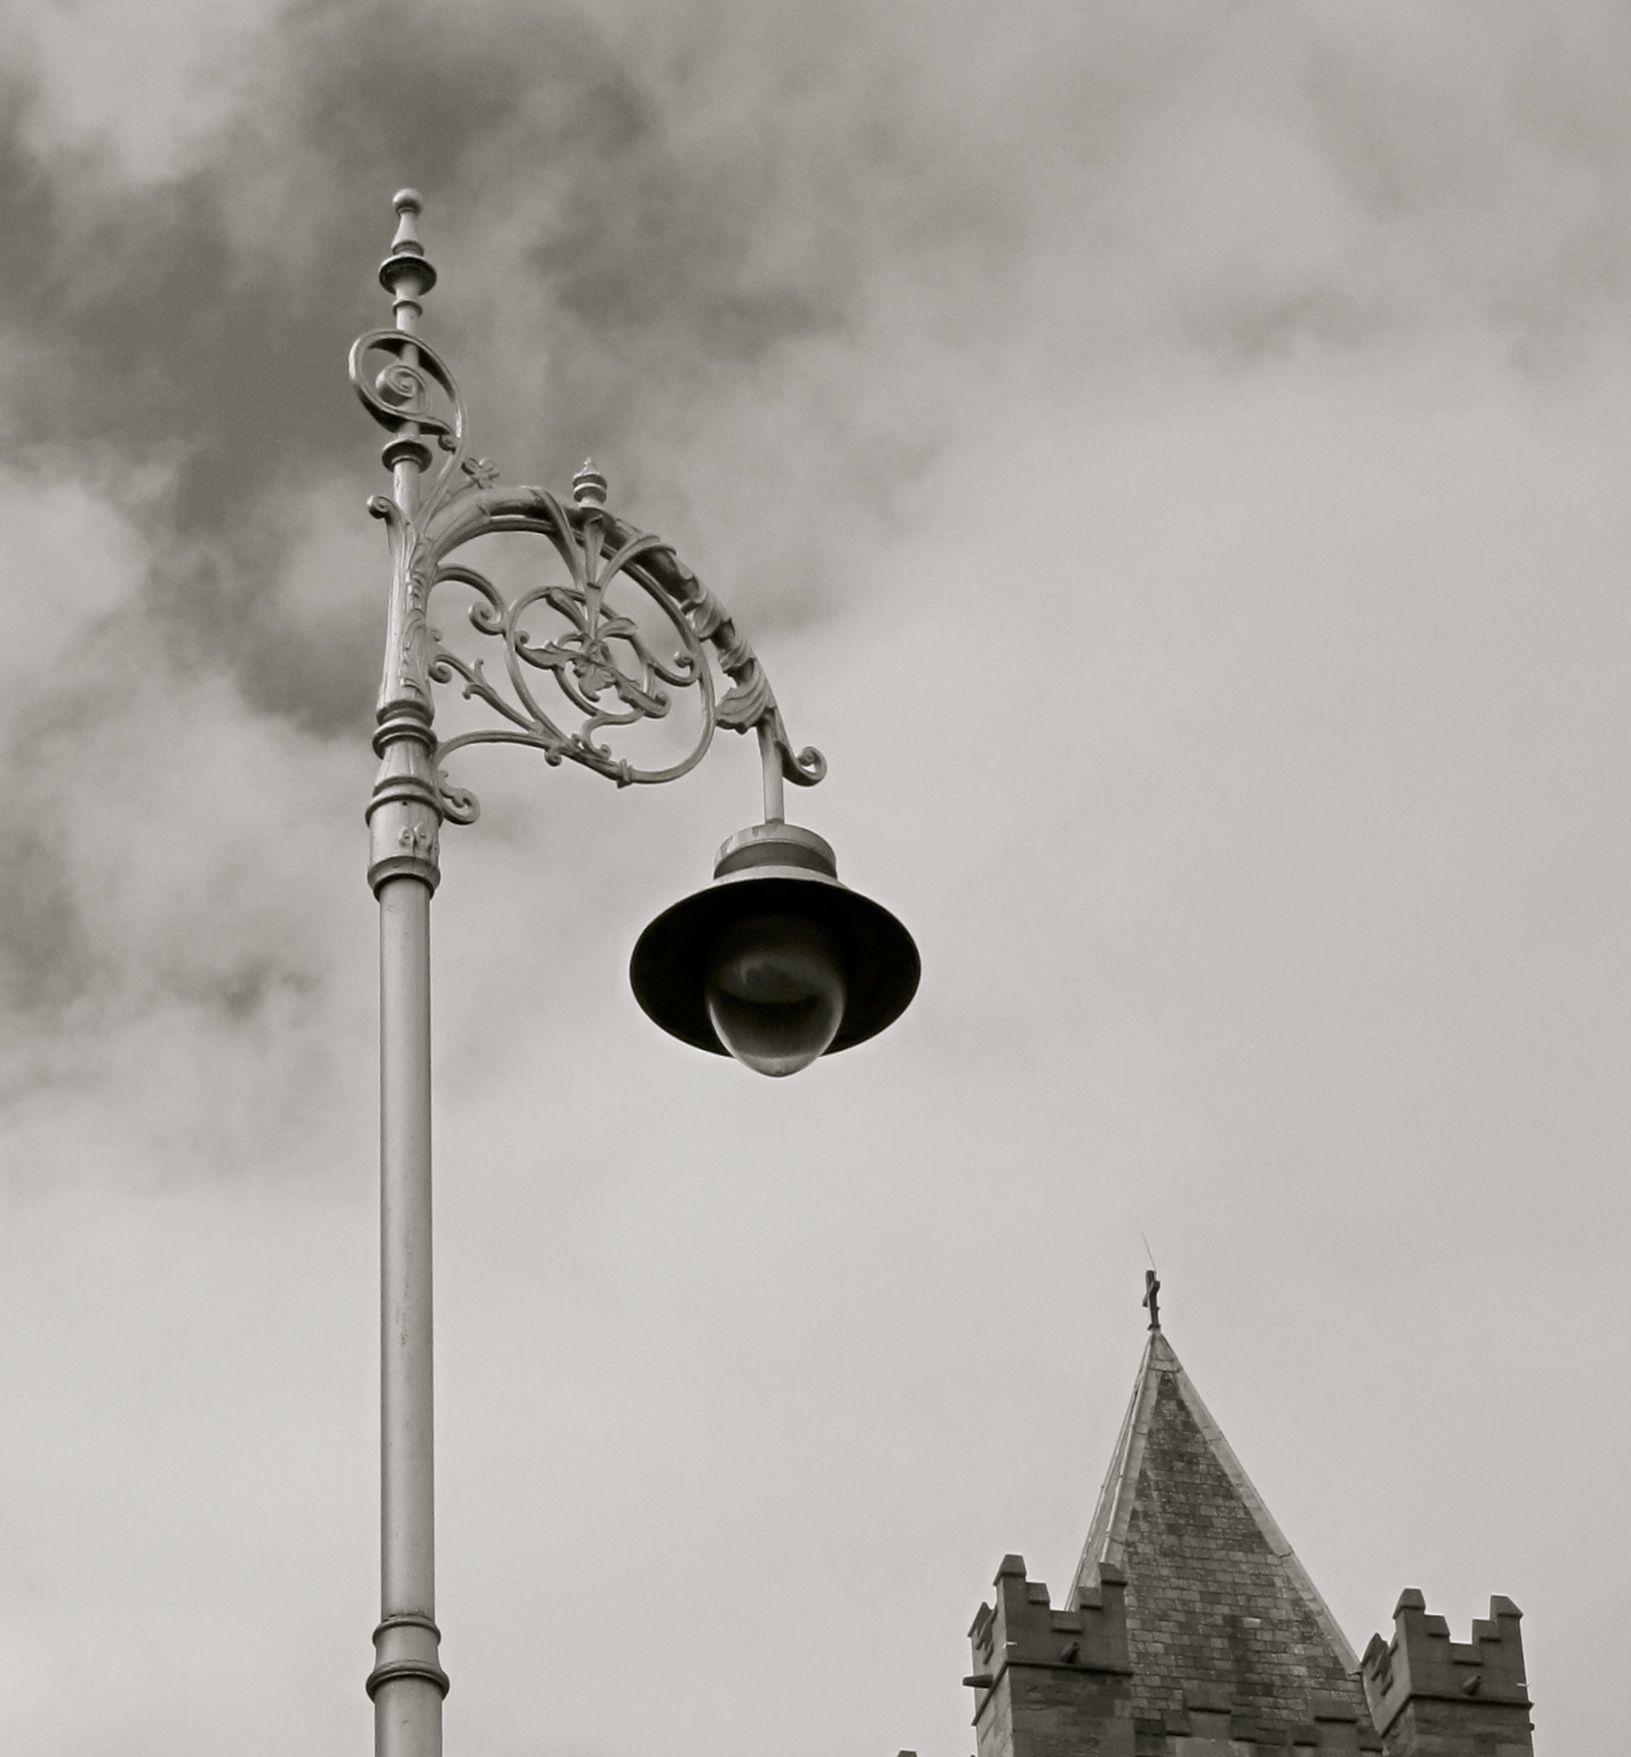 Street lamp of Dublin